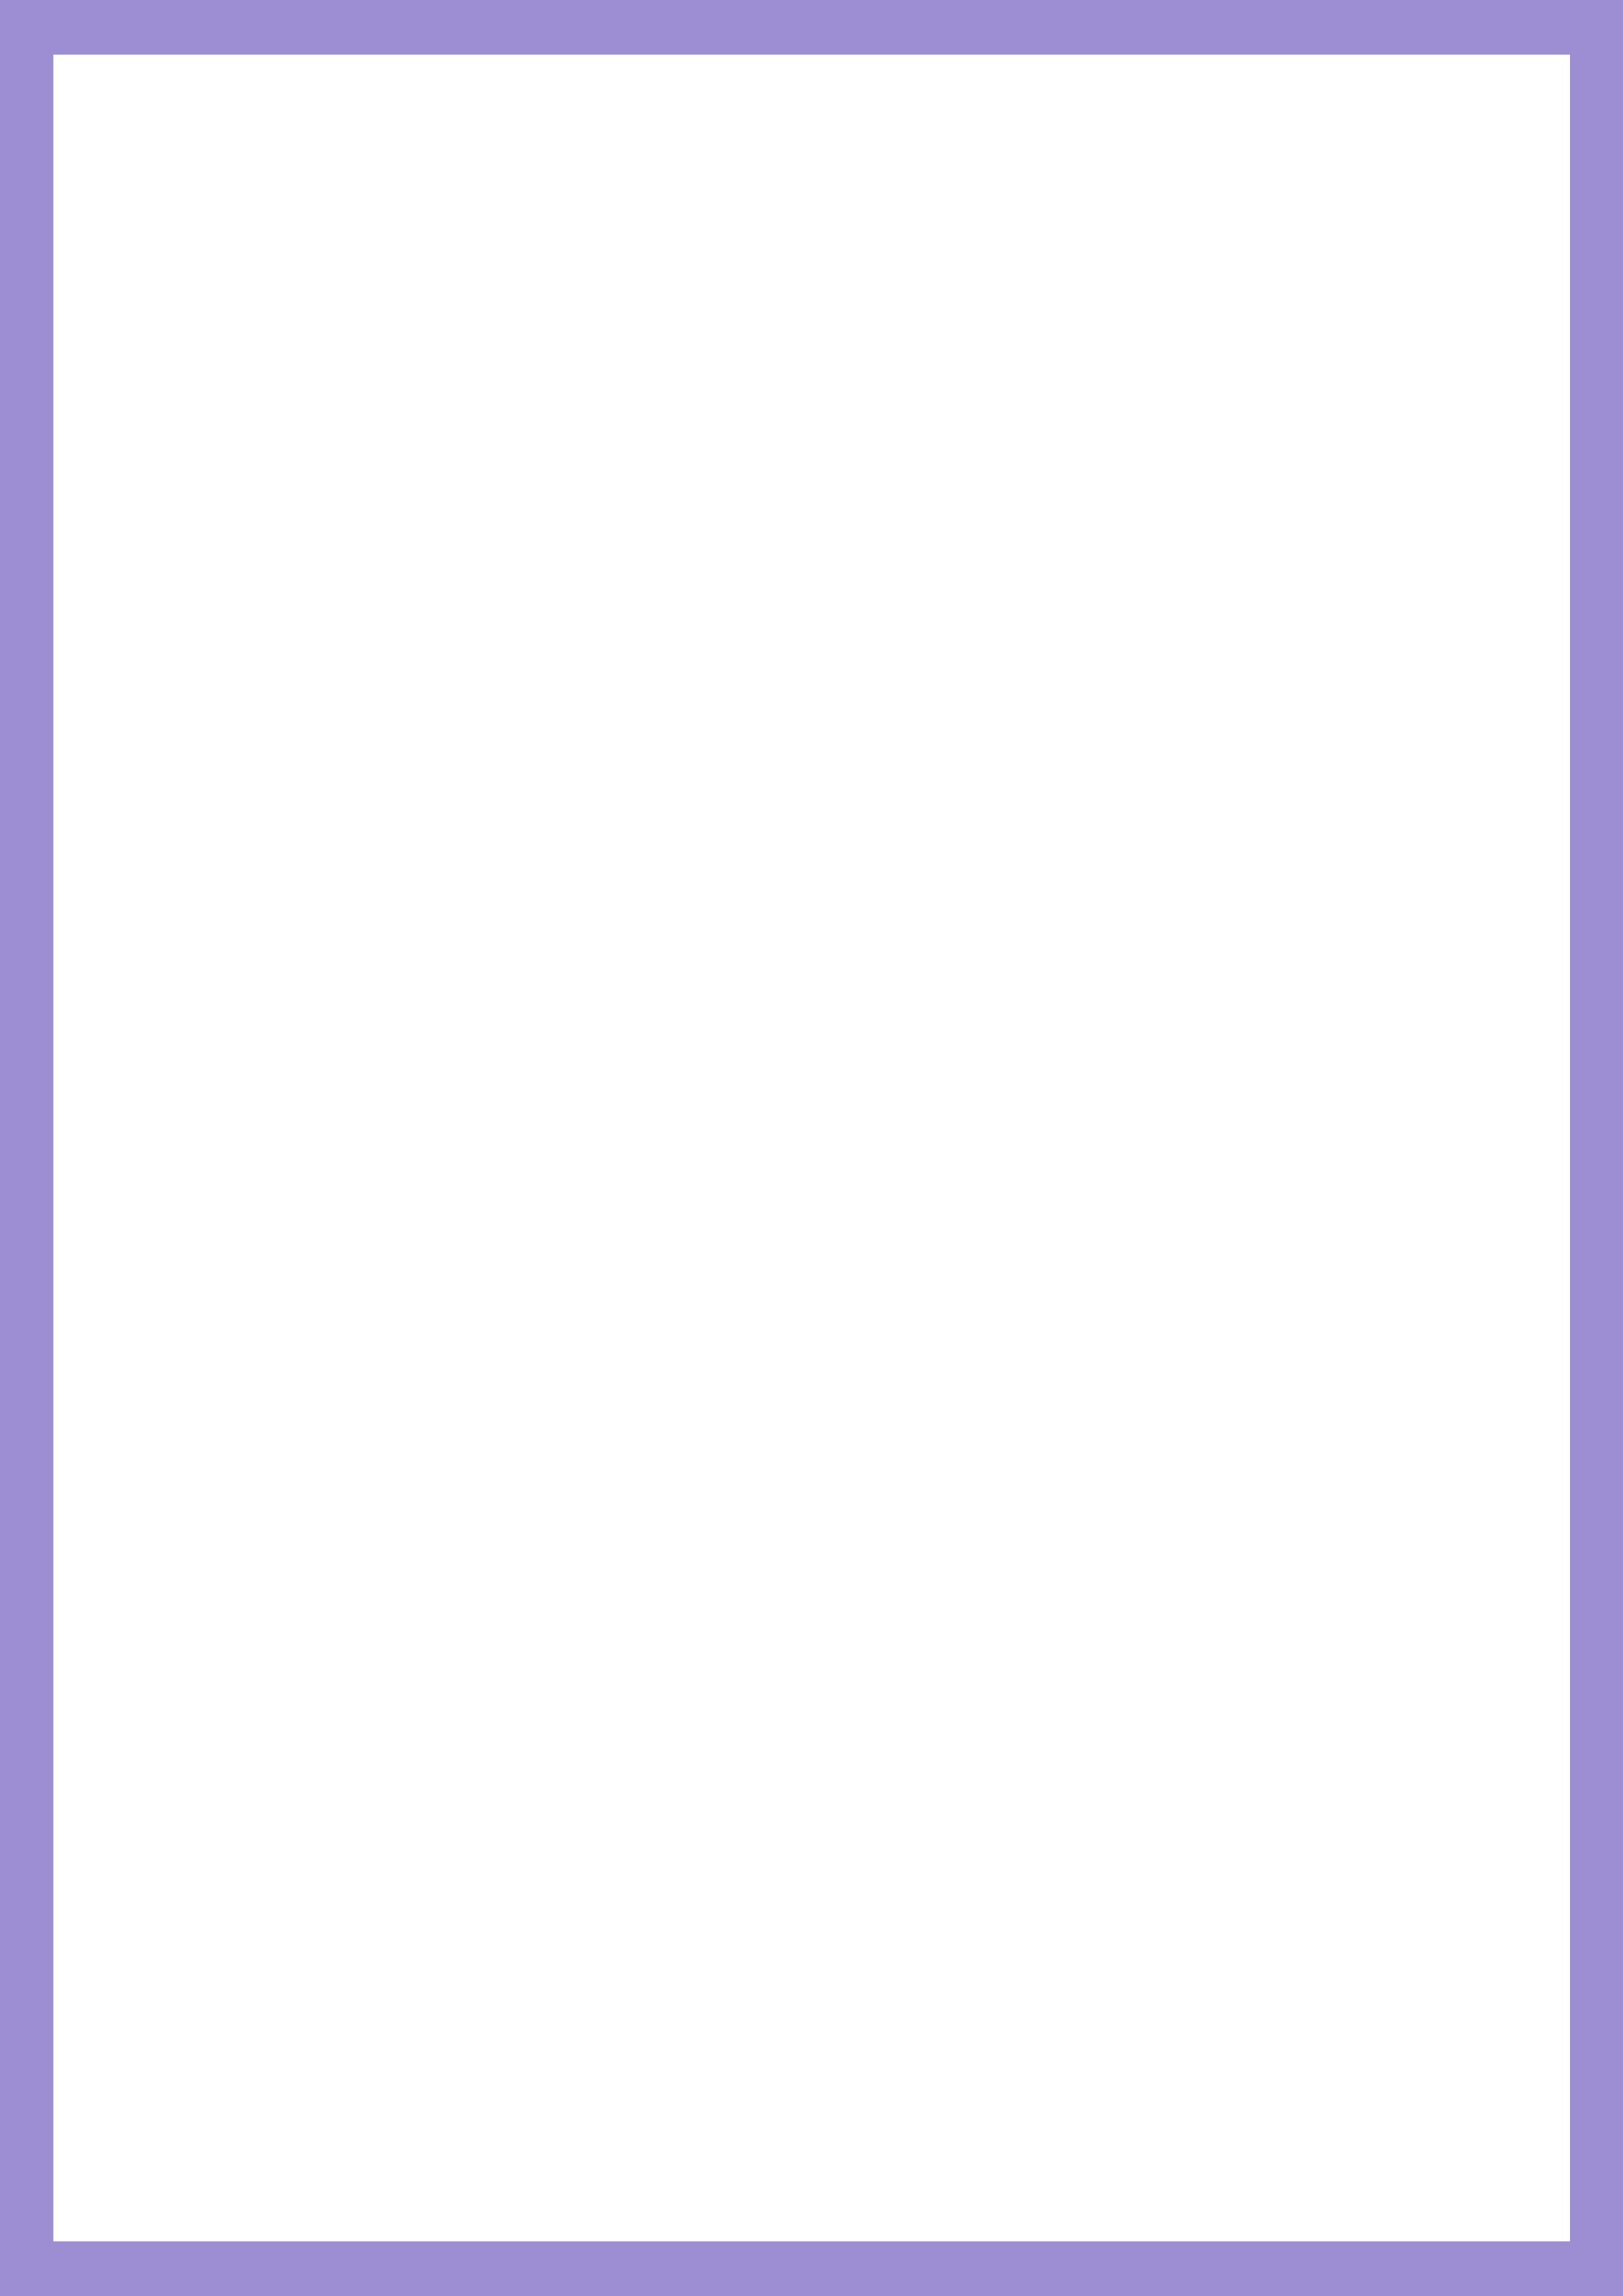 """Donazione senza dichiarazione dei redditi - Se non hai necessità di compilare il 730 o il modello UNICO, puoi comunque destinare il tuo 5xmille tramite CUD. Basterà consegnare quest'ultimo firmato e compilato con il nostro codice fiscale in busta chiusa con la dicitura """"5xmille"""" in posta o in banca o ad un intermediario abilitato alla trsmissione telematica (CAF, commercialisti etc.)"""